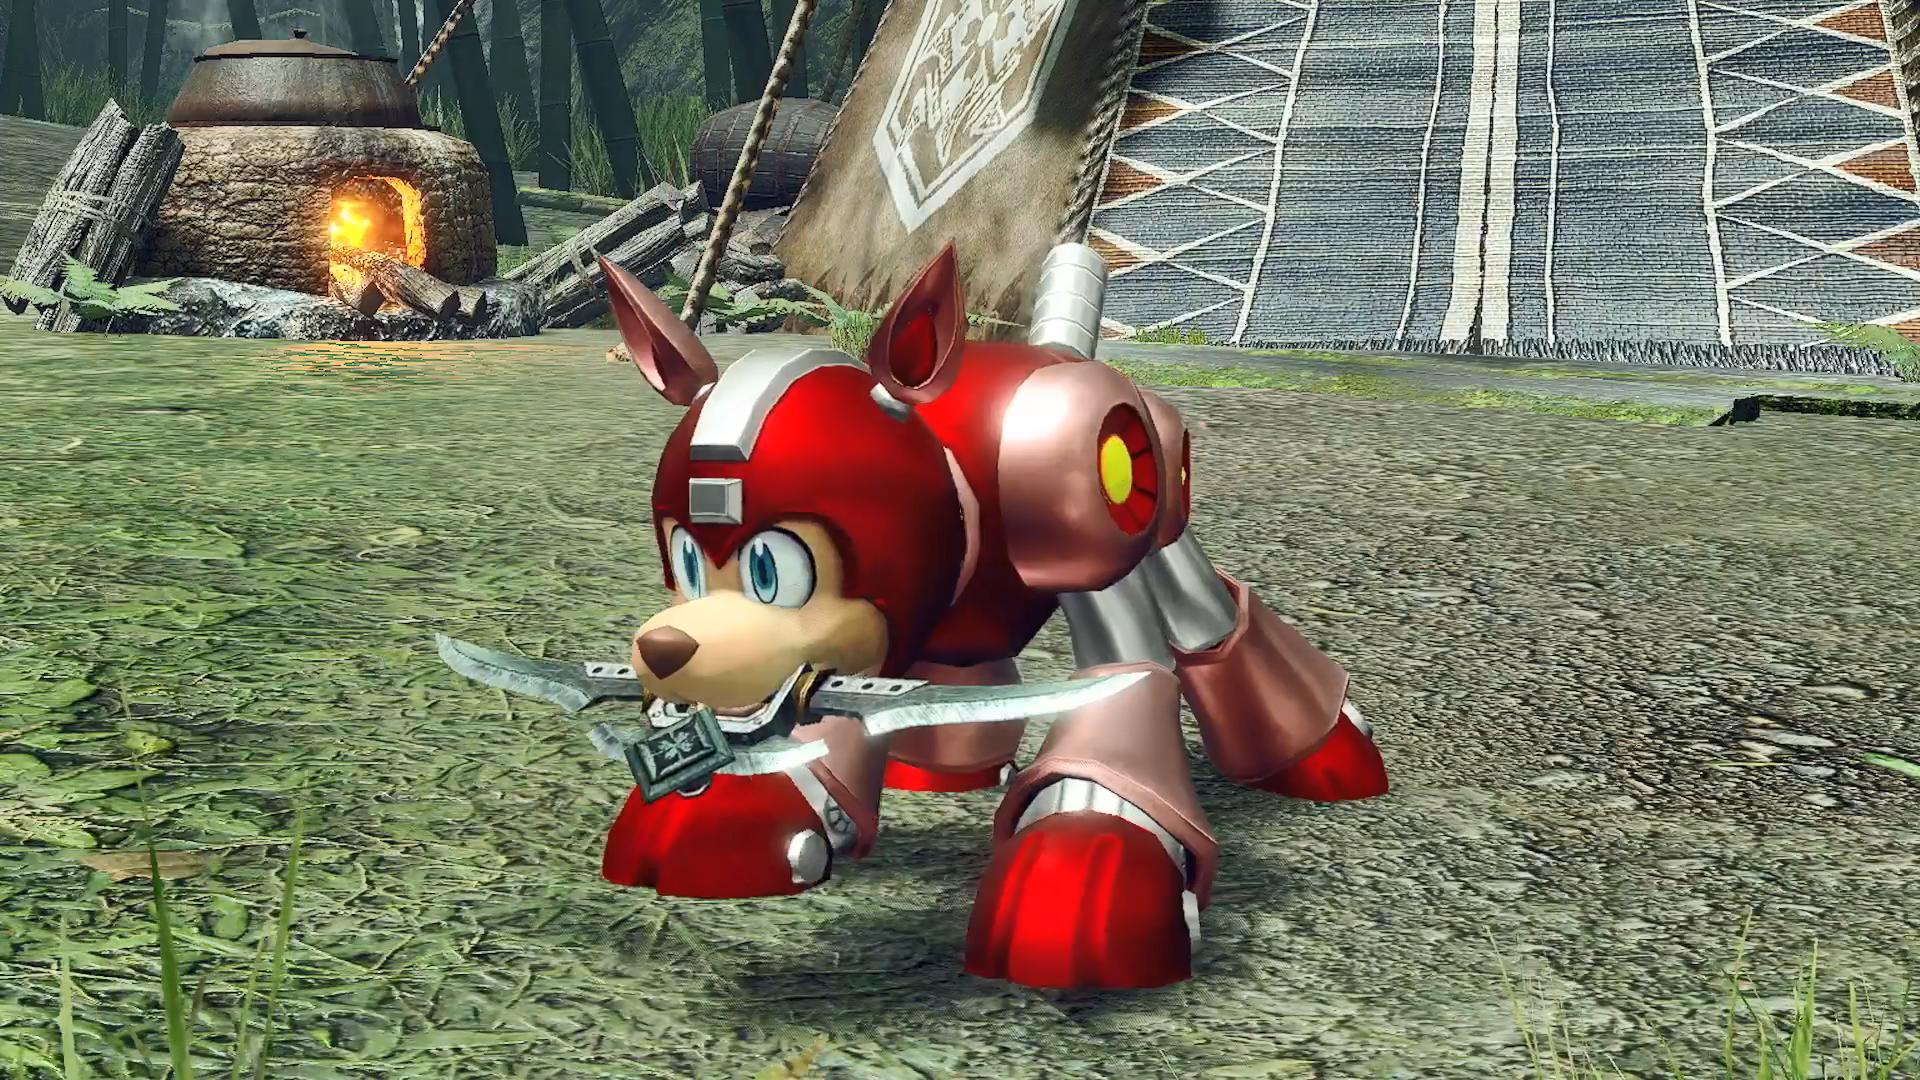 """《怪物猎人:崛起》卡普空联动第4弹公布 洛克人""""莱西""""牙猎犬外观插图3"""